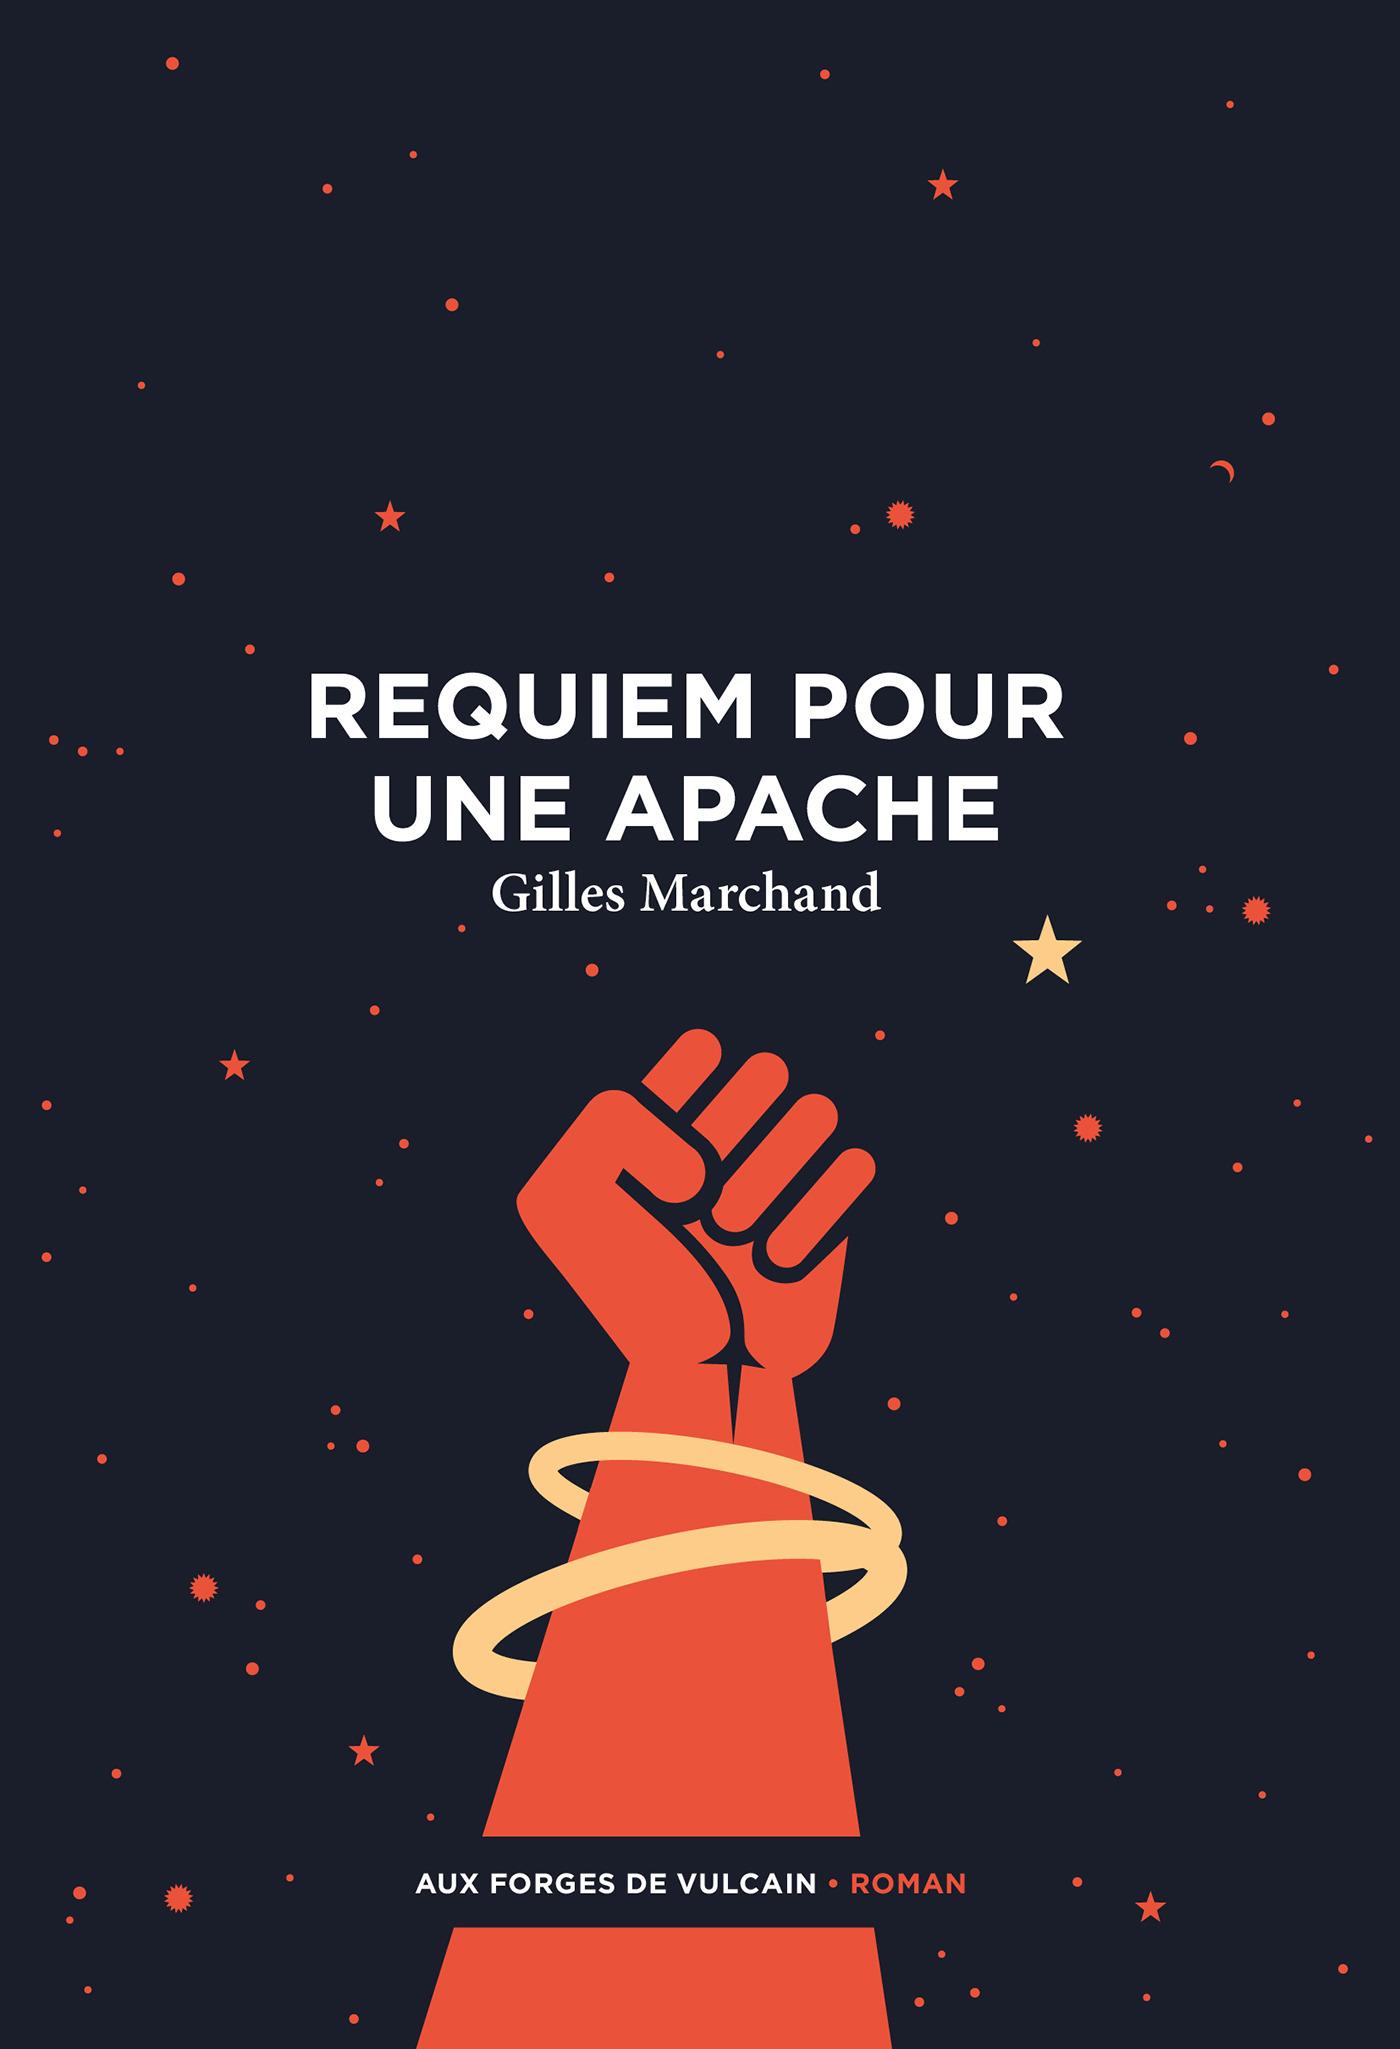 Requiem pour une apache